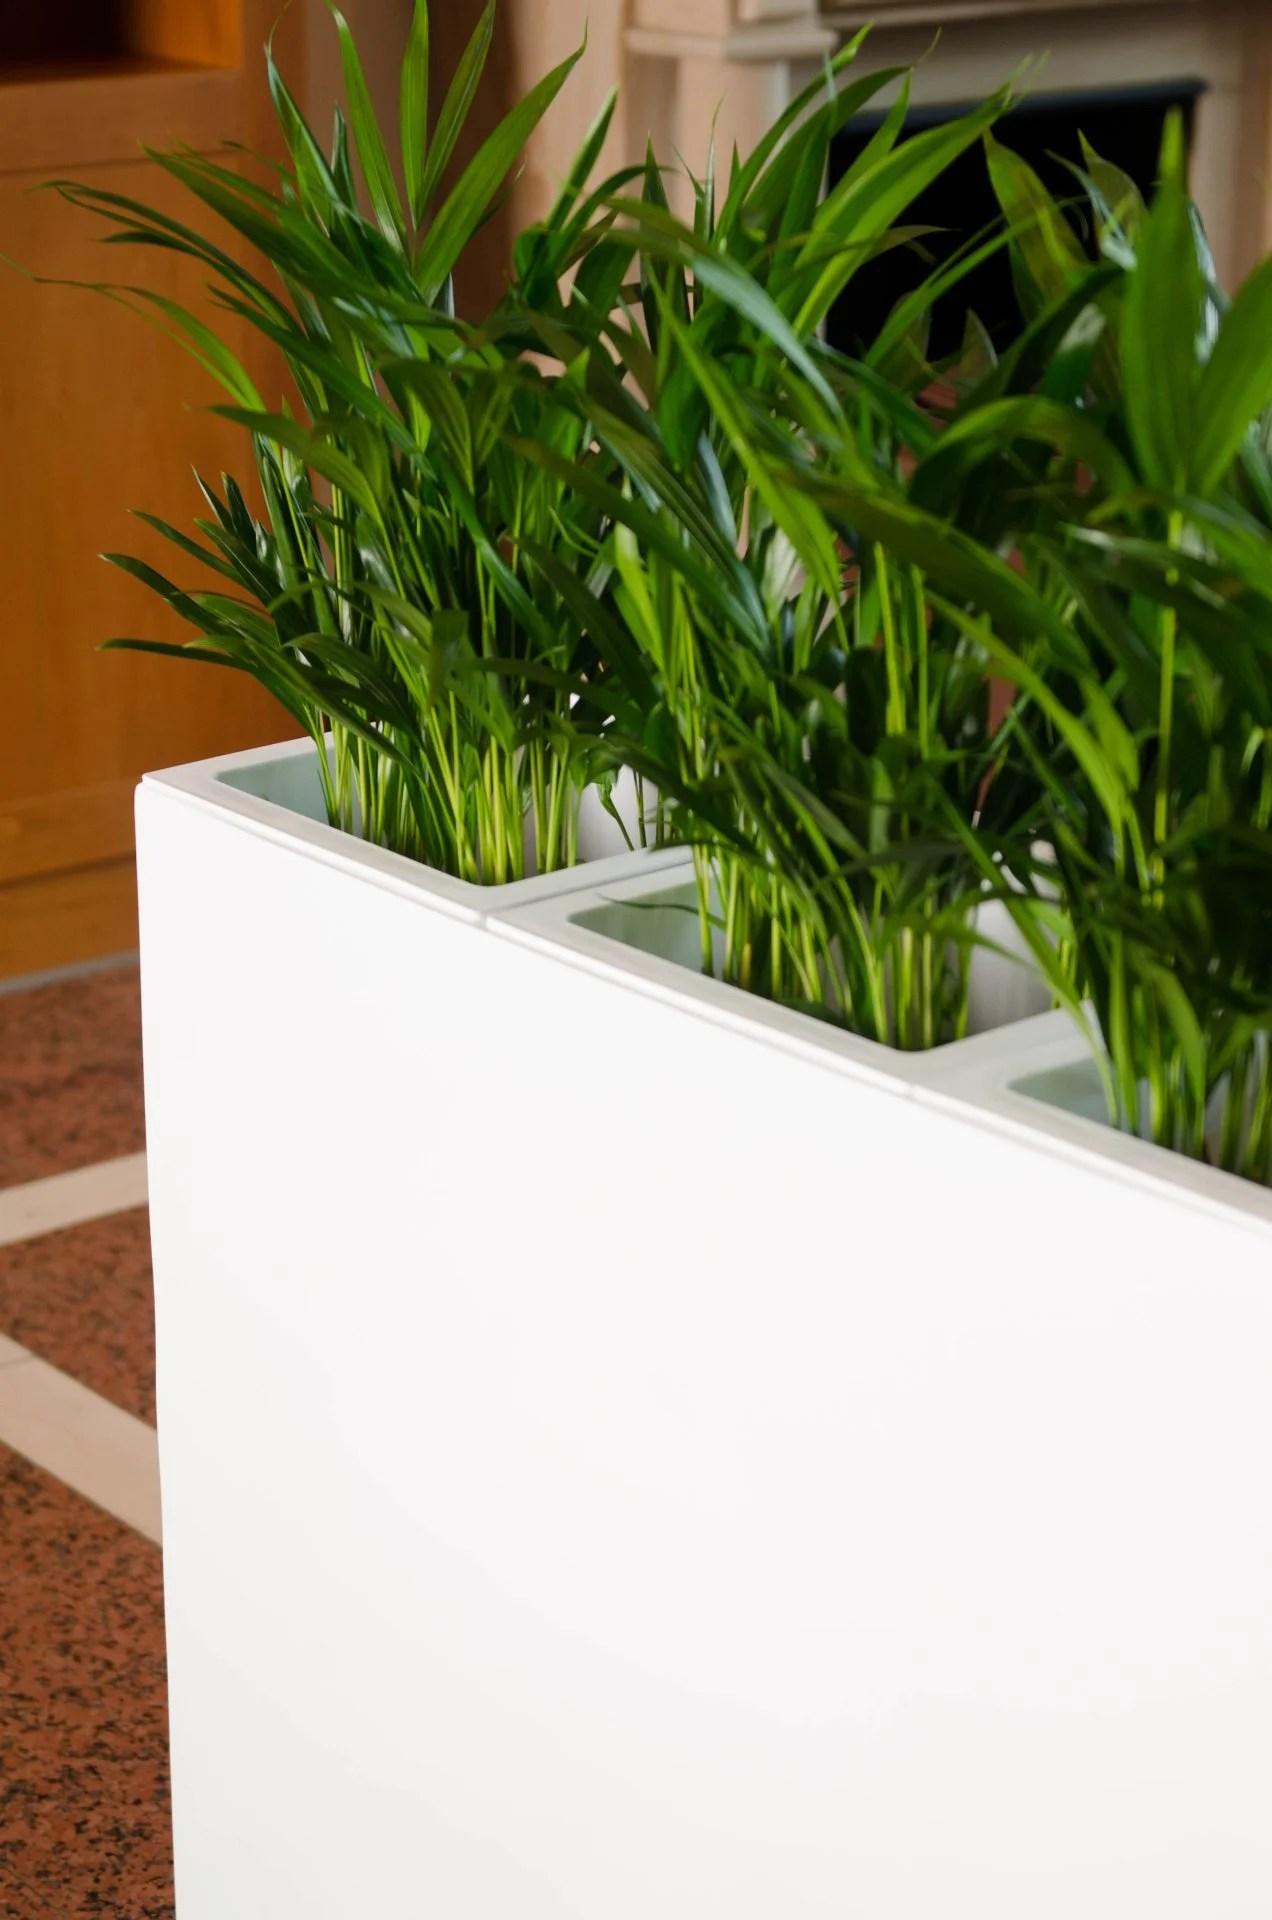 Blumenkübel Raumteiler | Innenraumgestaltung: Bepflanzte Raumteiler ...